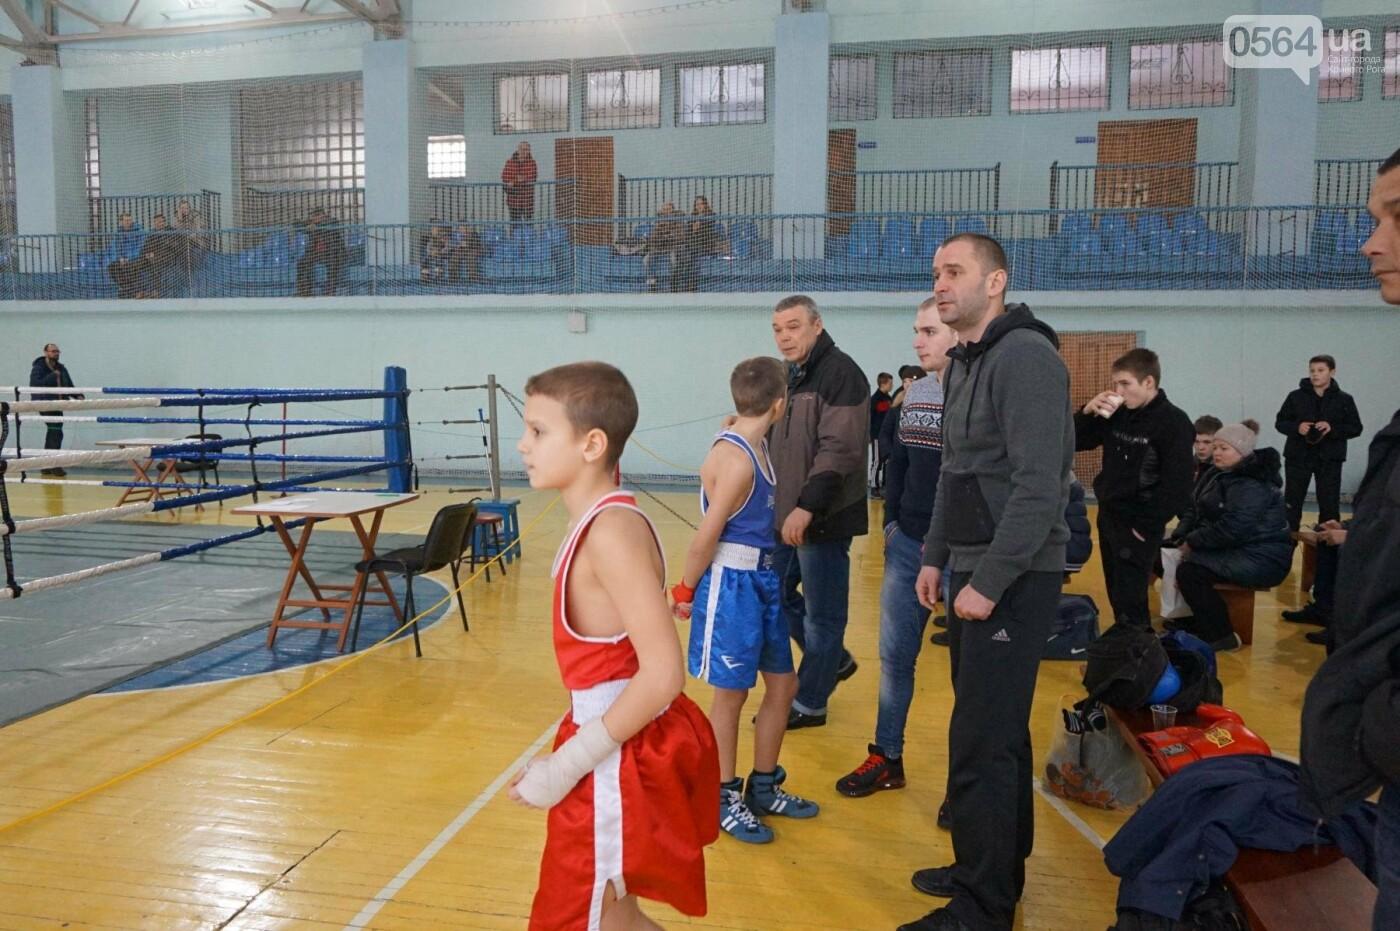 В Кривом Роге состоялся Международный турнир по боксу (ФОТО, ВИДЕО), фото-53